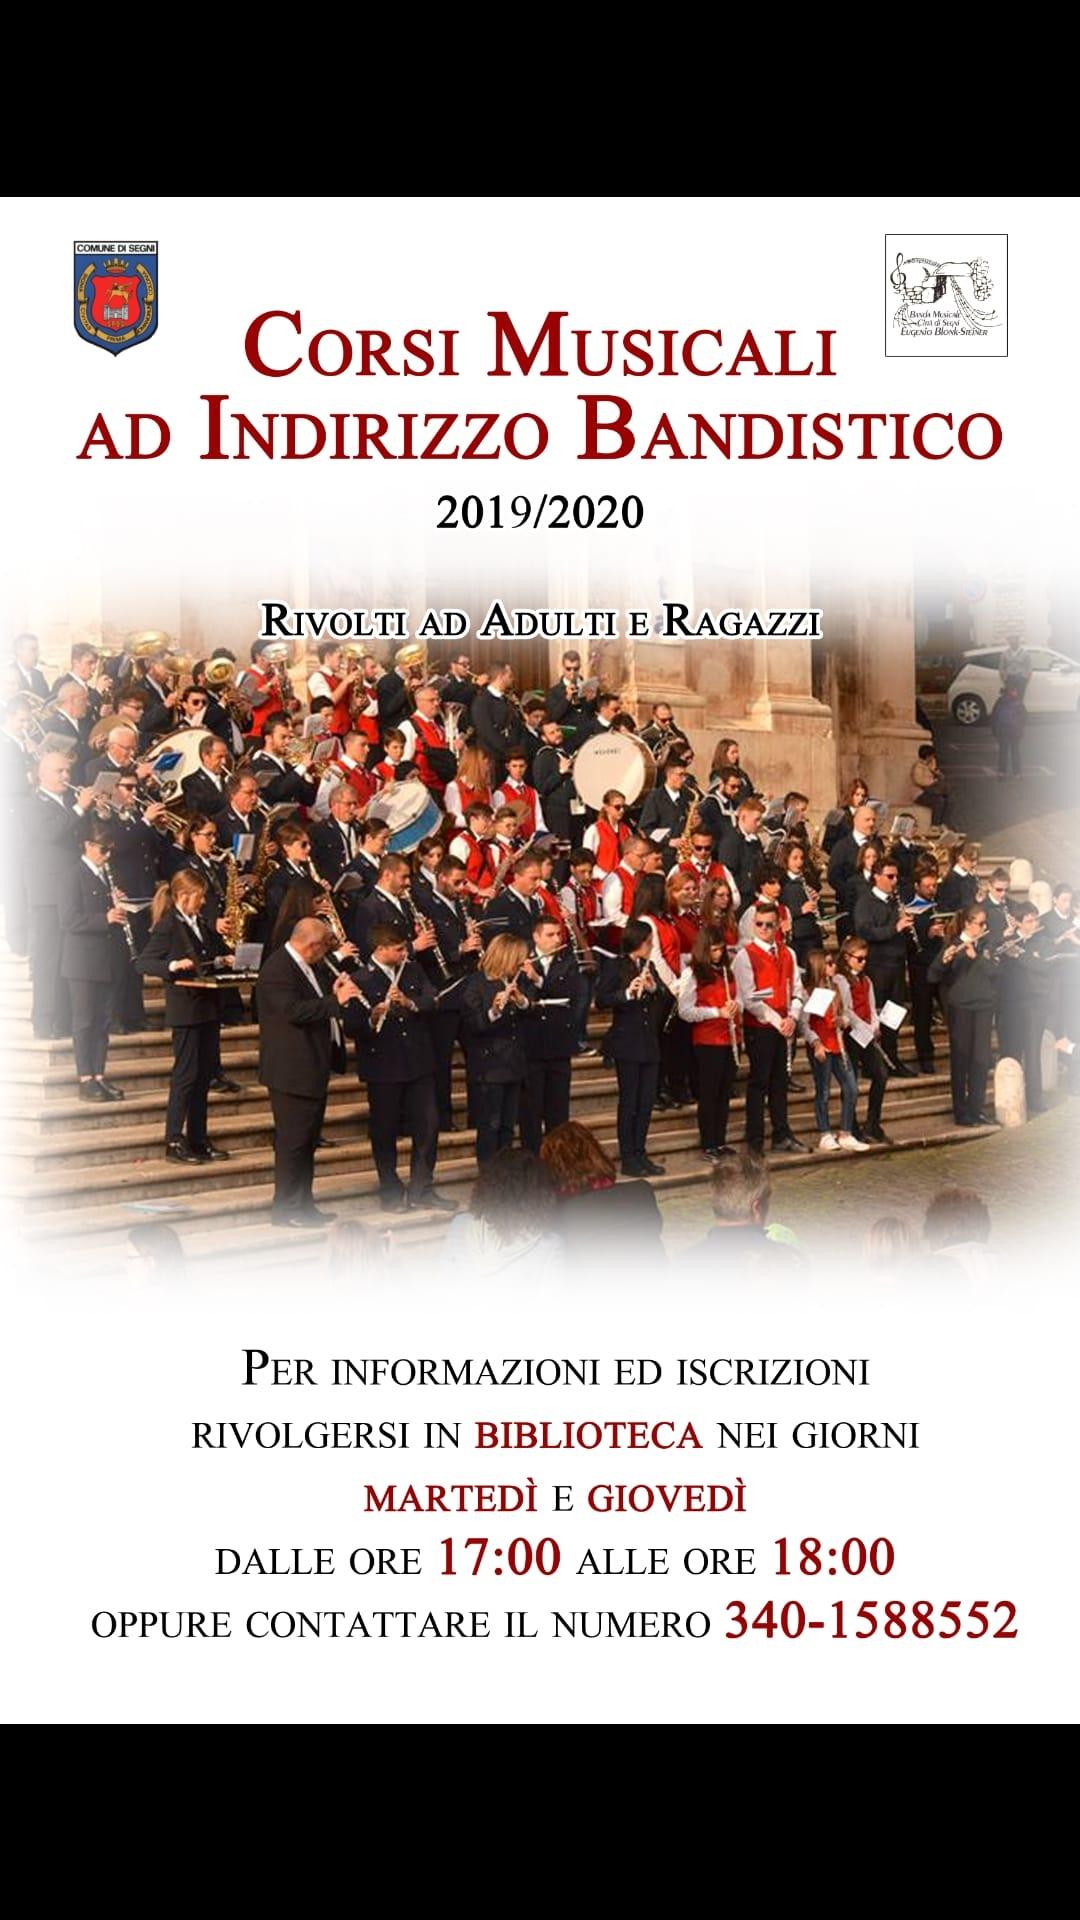 Segni: Corsi musicali ad indirizzo bandistico @ Biblioteca  | Lazio | Italia